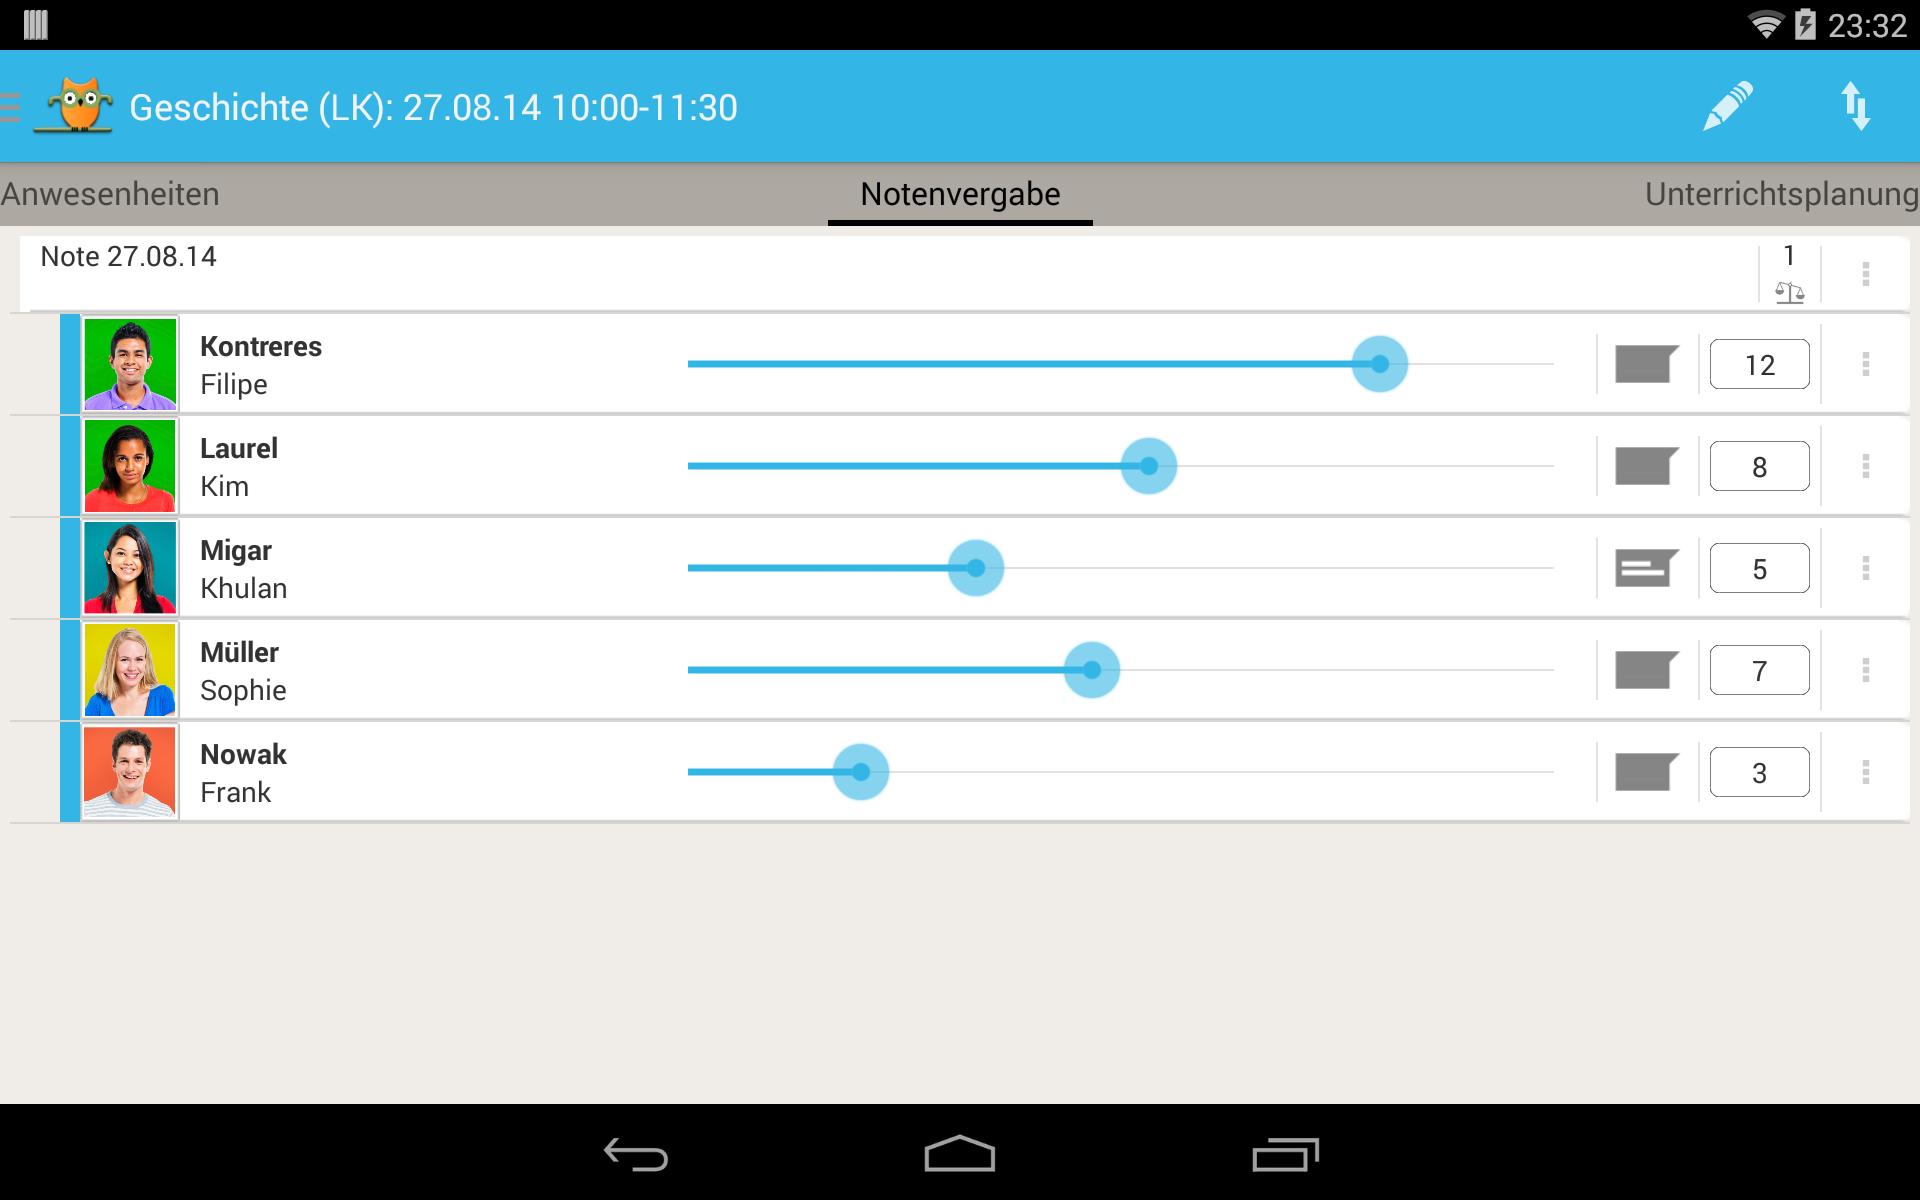 TeacherStudio-Handbuch-Android-Tablet-Unterrichtsstunde-Notenvergabe